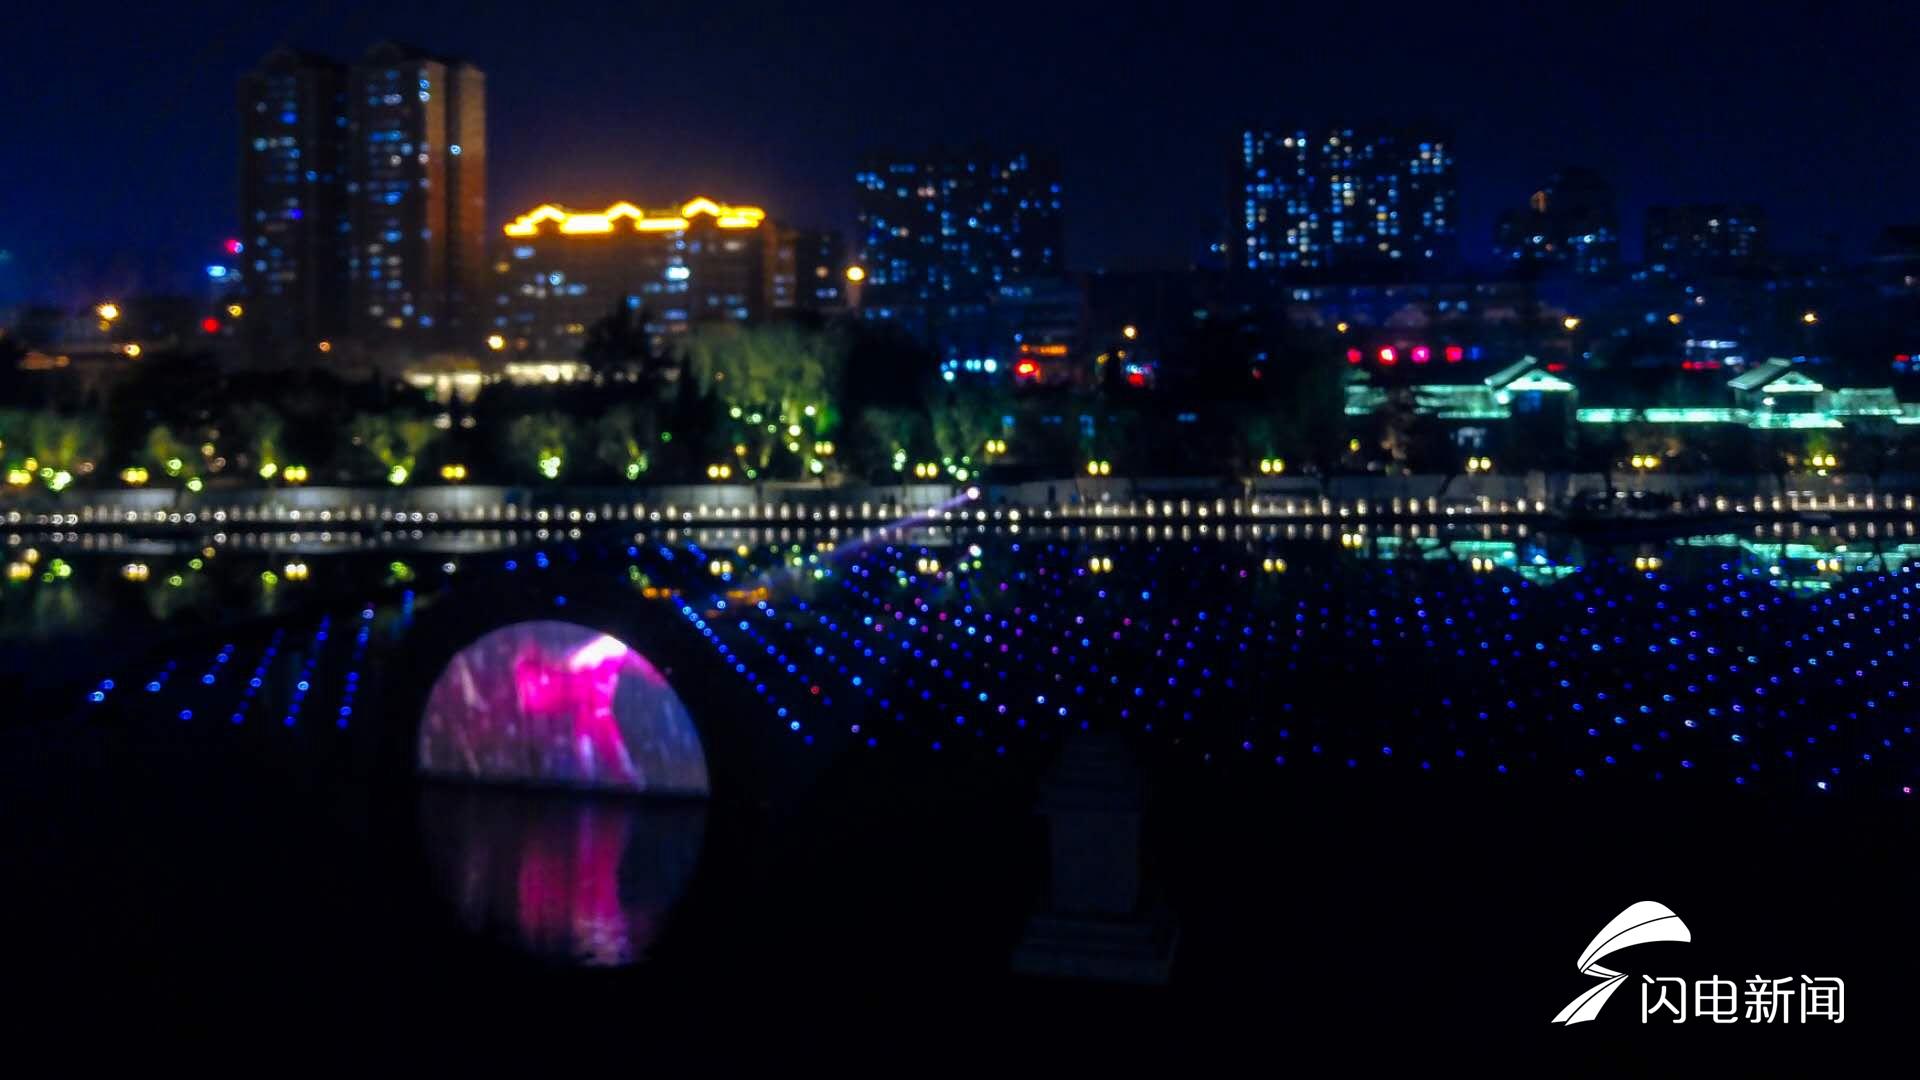 """""""明湖秀""""项目是以泉城浓厚的历史文化和秀丽的自然风光为创作源泉,深入挖掘济南的泉水特色及人文元素,精心打造的一台大型商演水上动态实景表演。"""